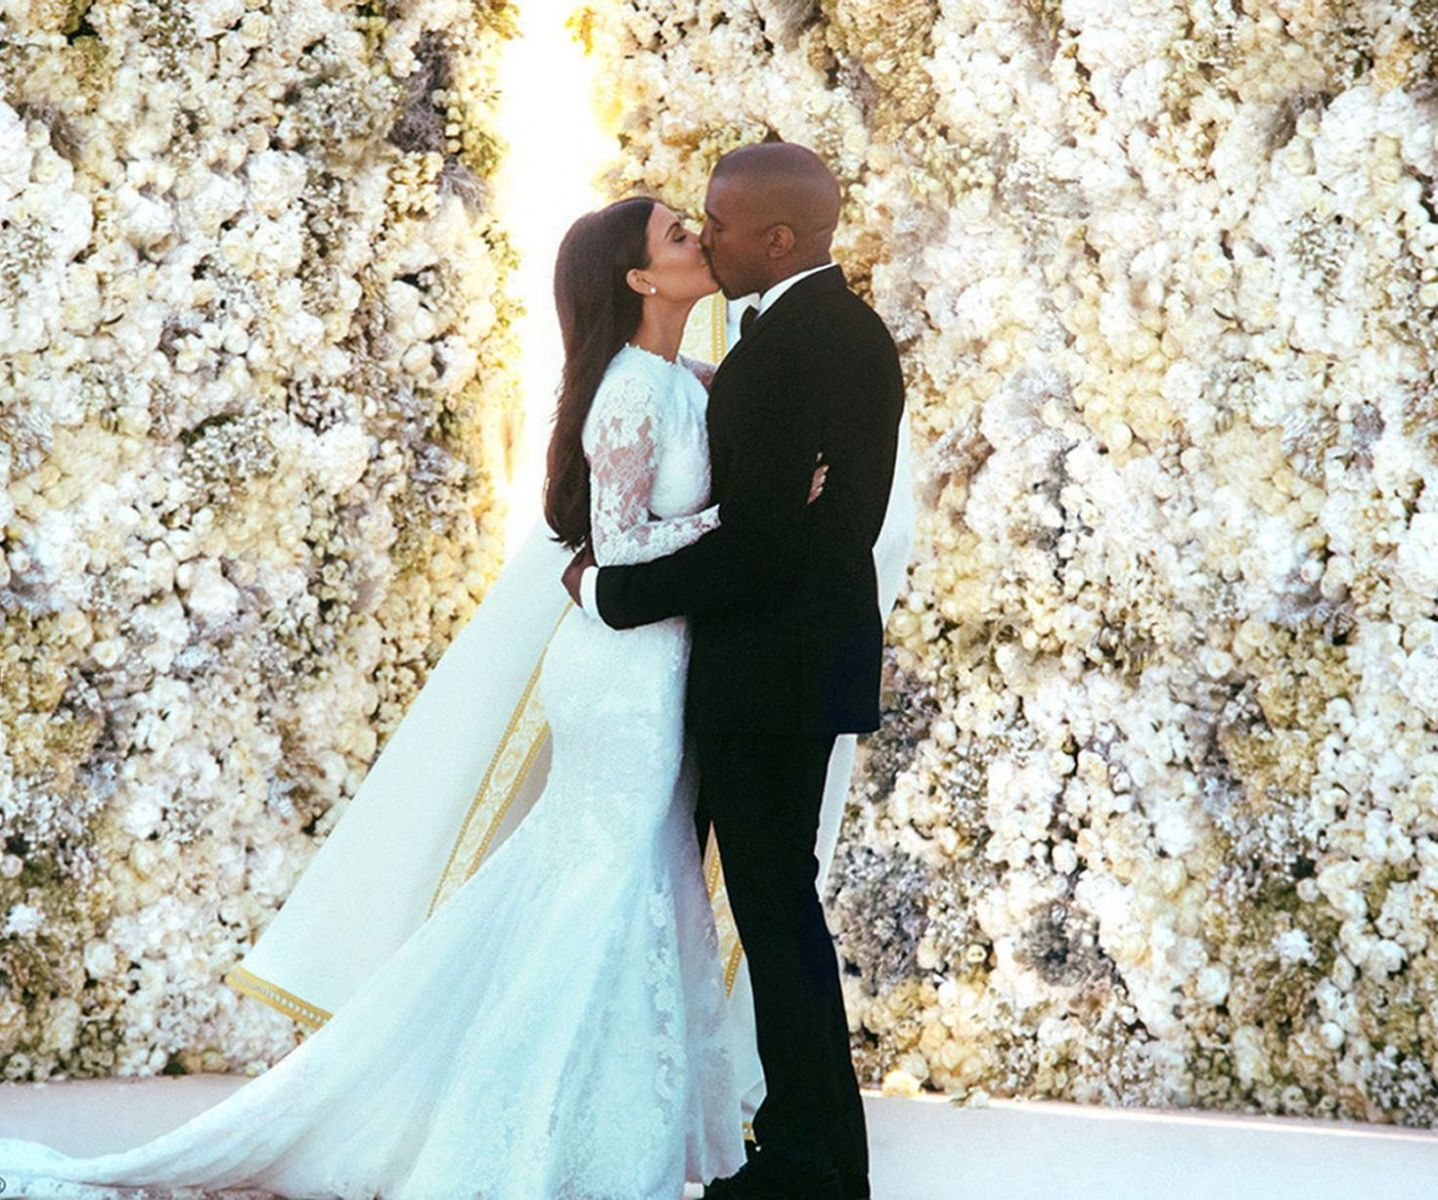 Ким Кардашьян фото свадьба